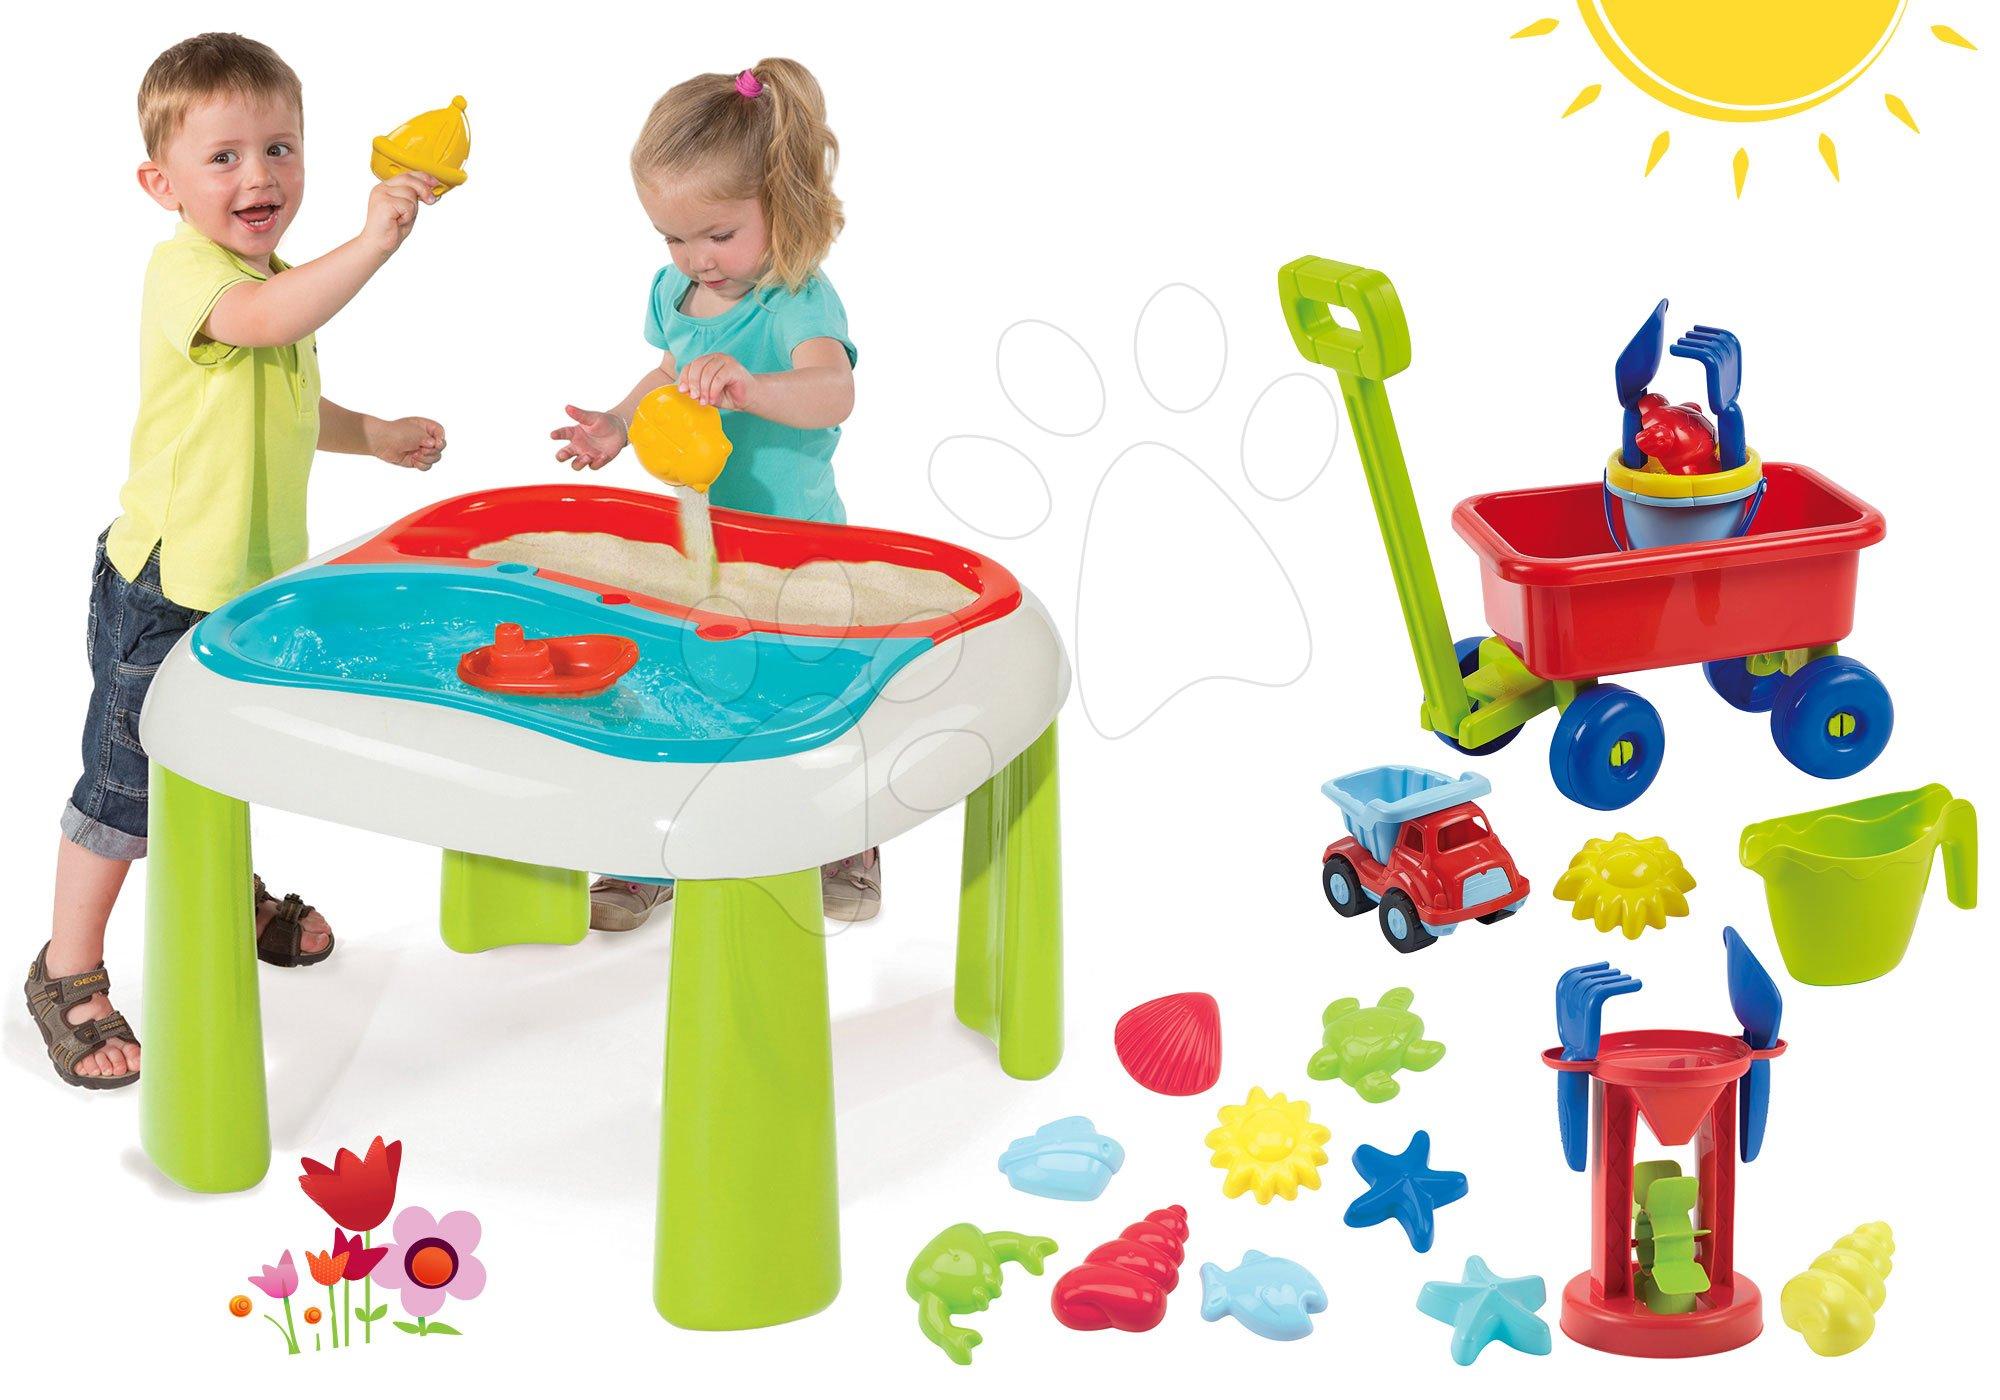 Smoby stolík na hranie s mlynom a Écoiffier vozík s vedierkom a formičkami 840107-7